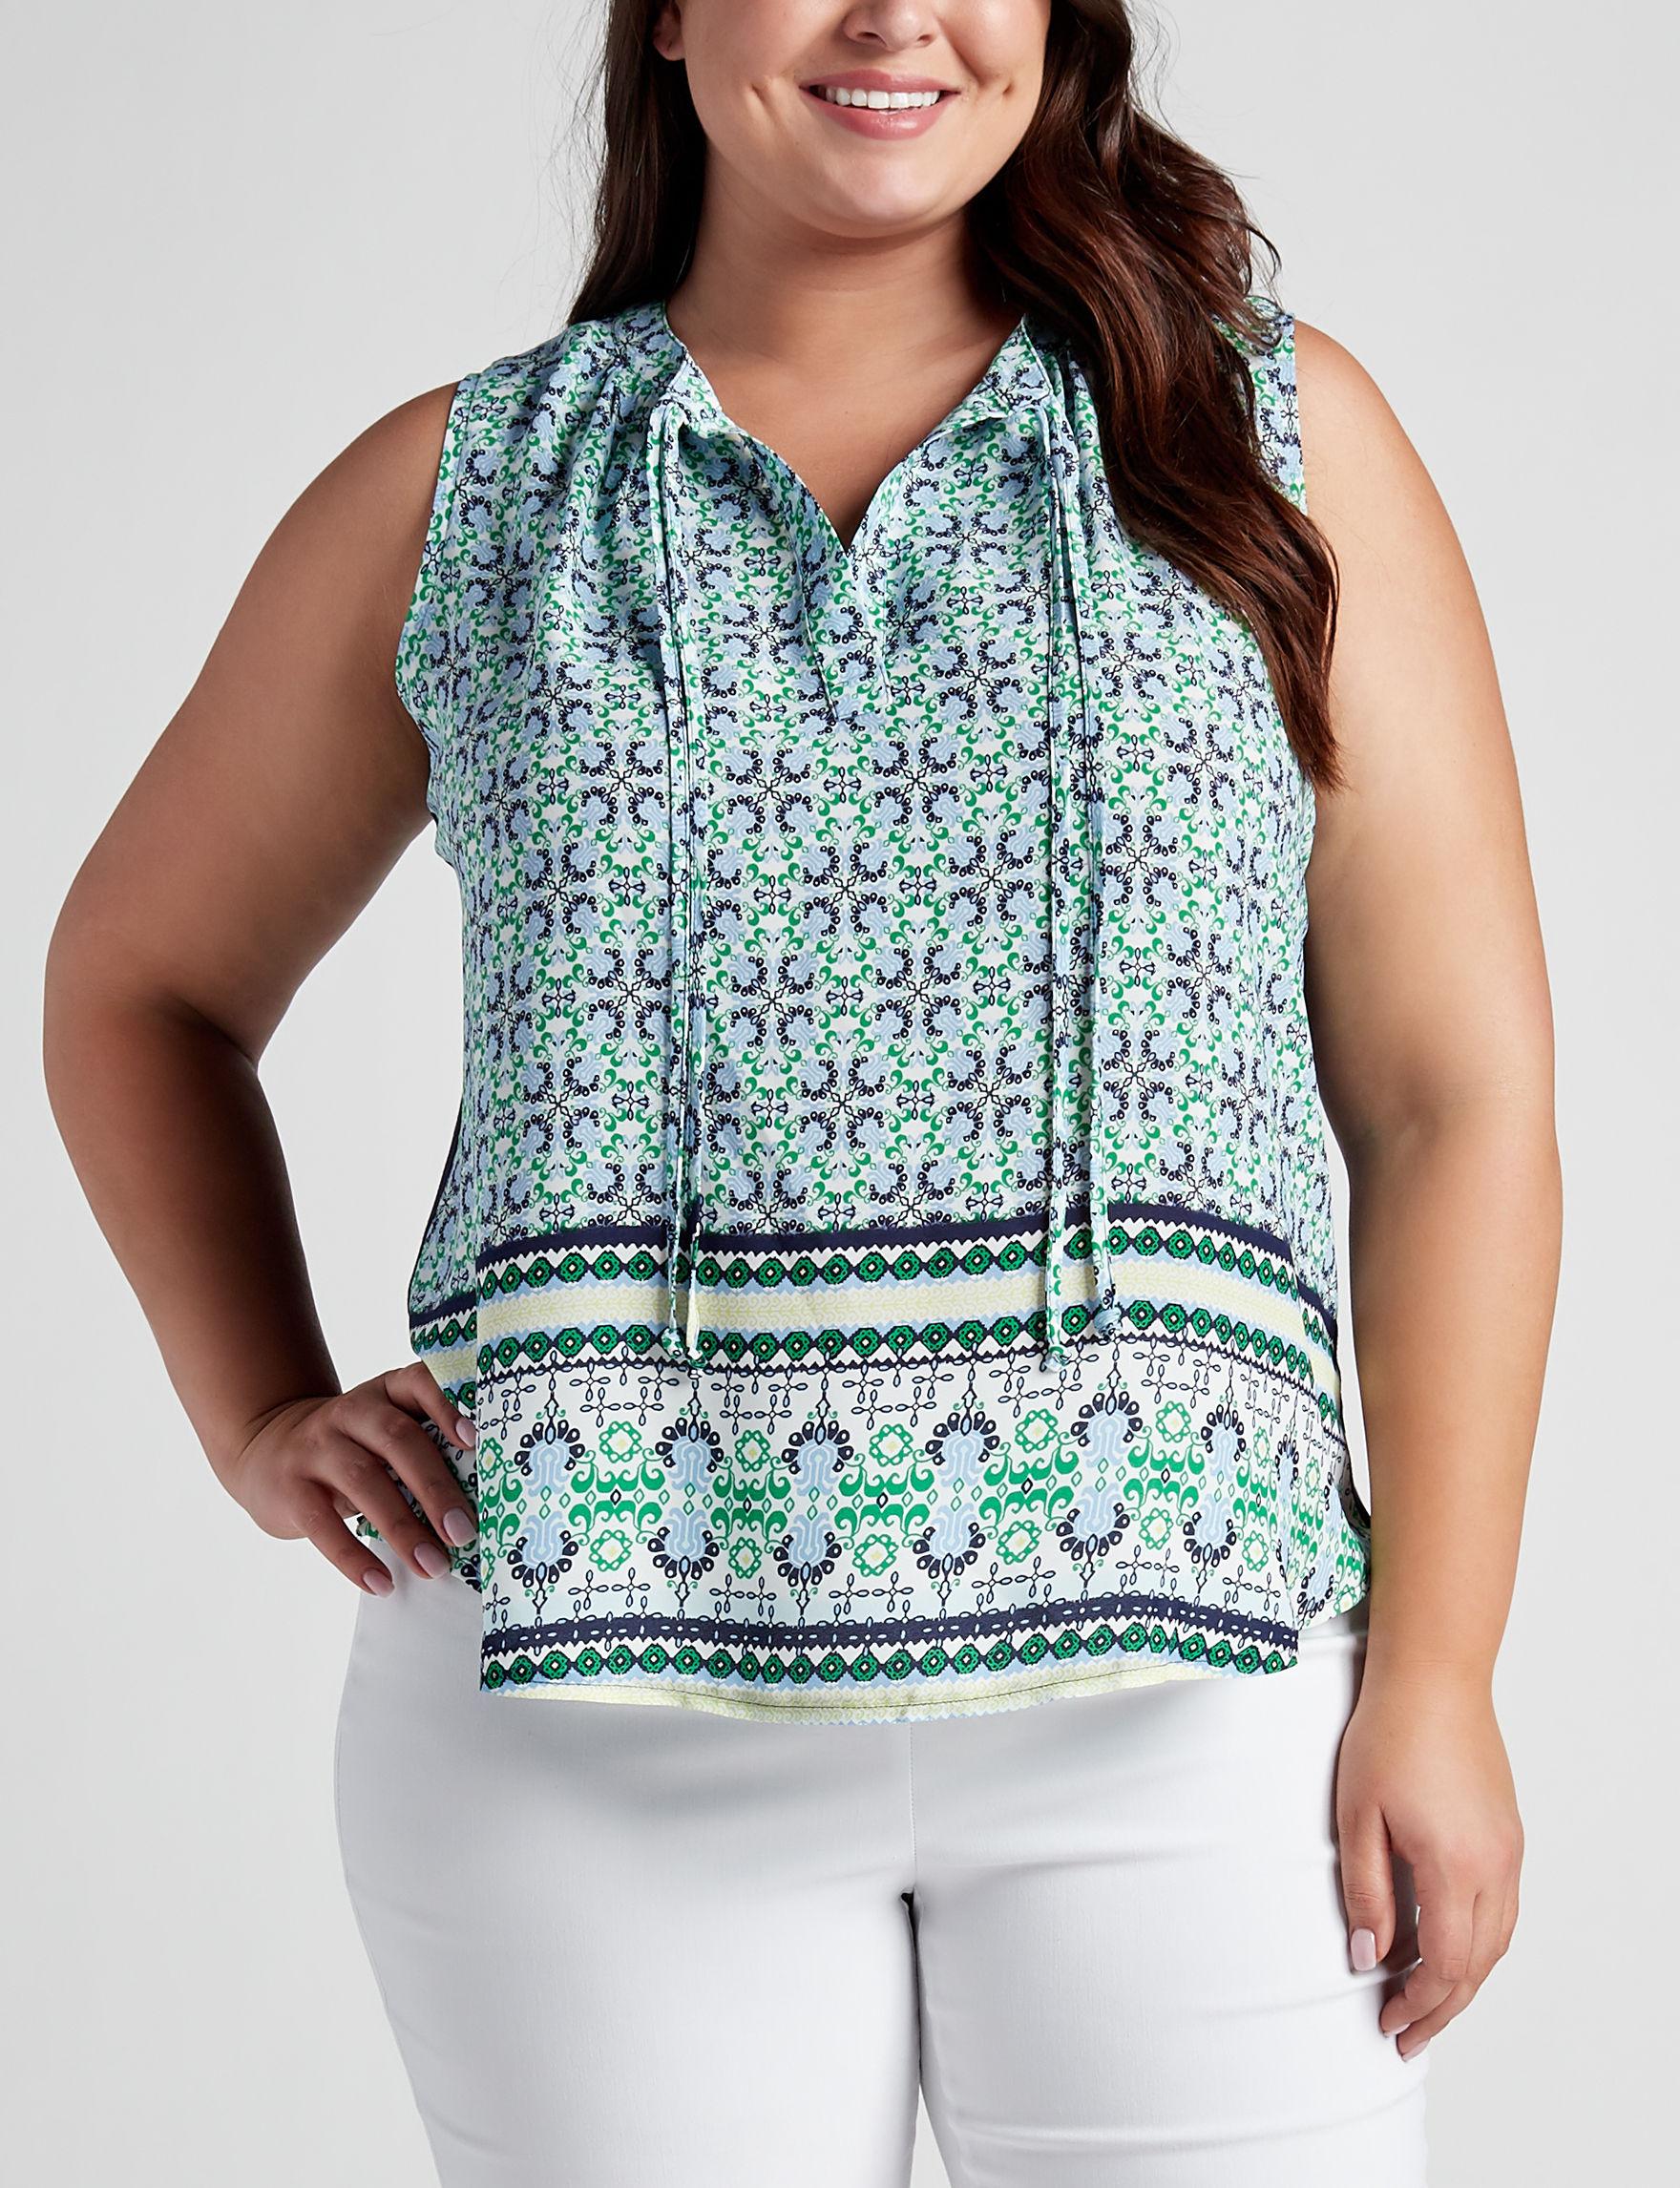 Zac & Rachel Blue Multi Shirts & Blouses Tees & Tanks